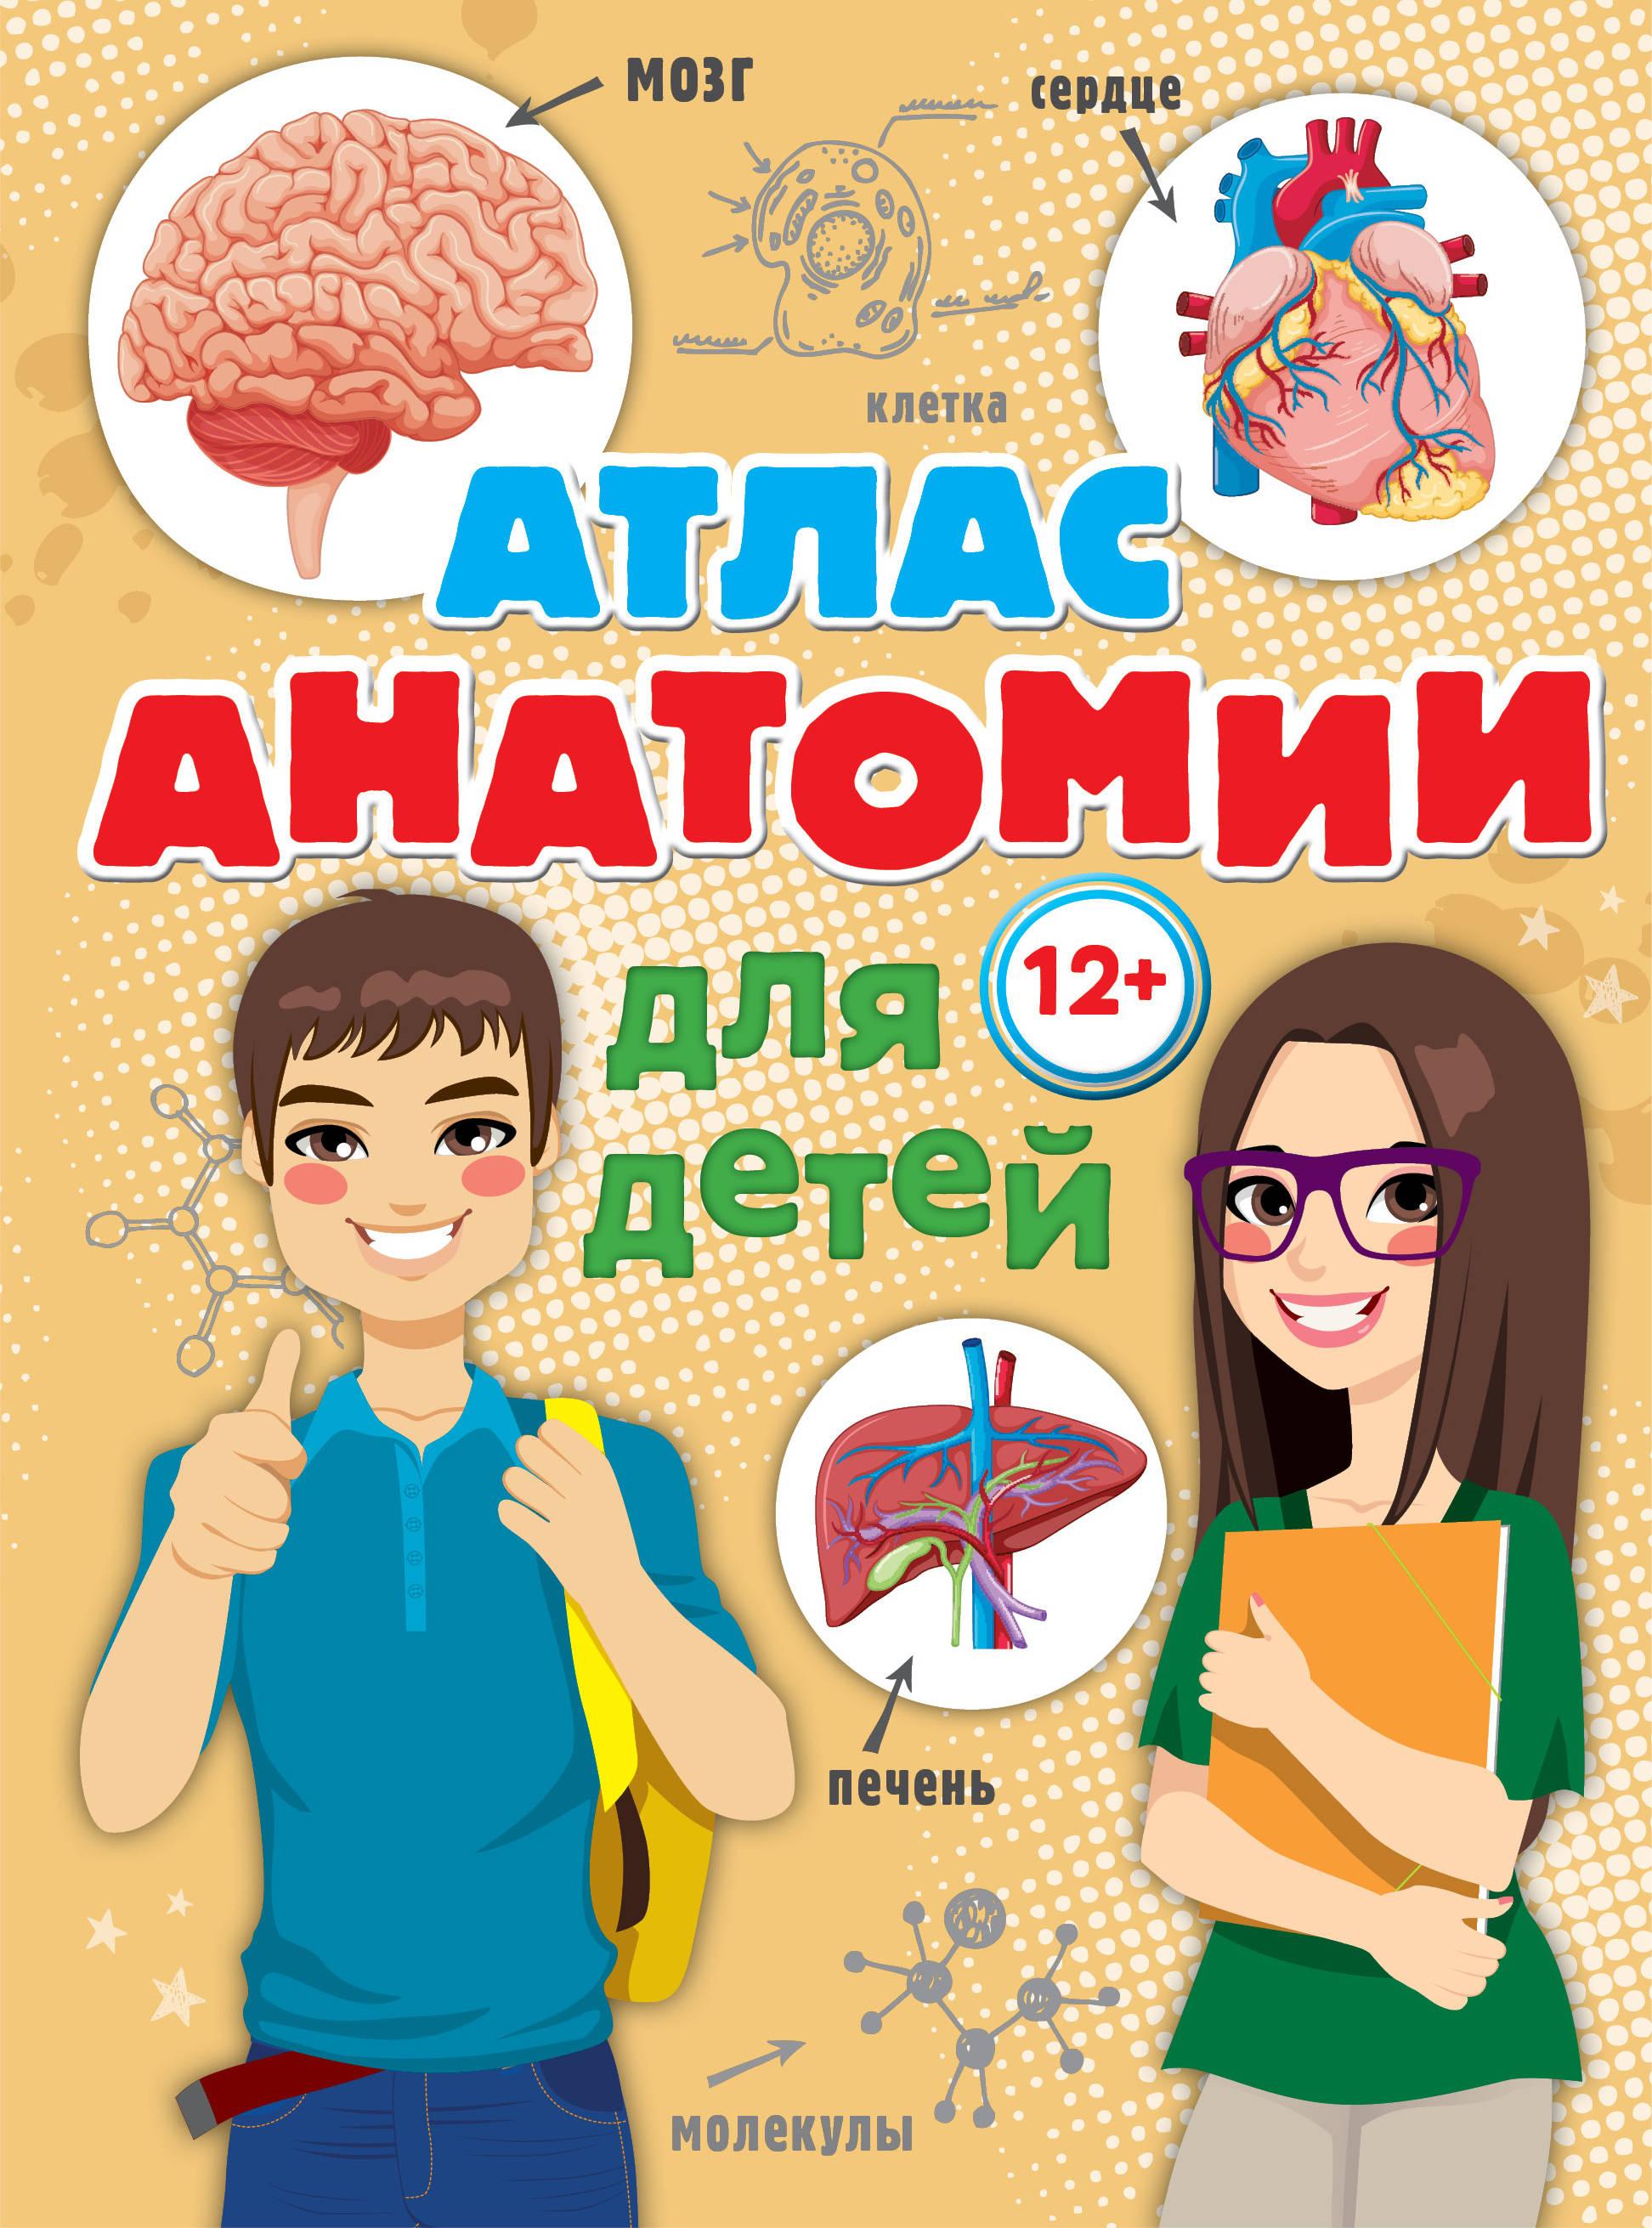 Александр Швырев Атлас анатомии для детей анна спектор большой иллюстрированный атлас анатомии человека